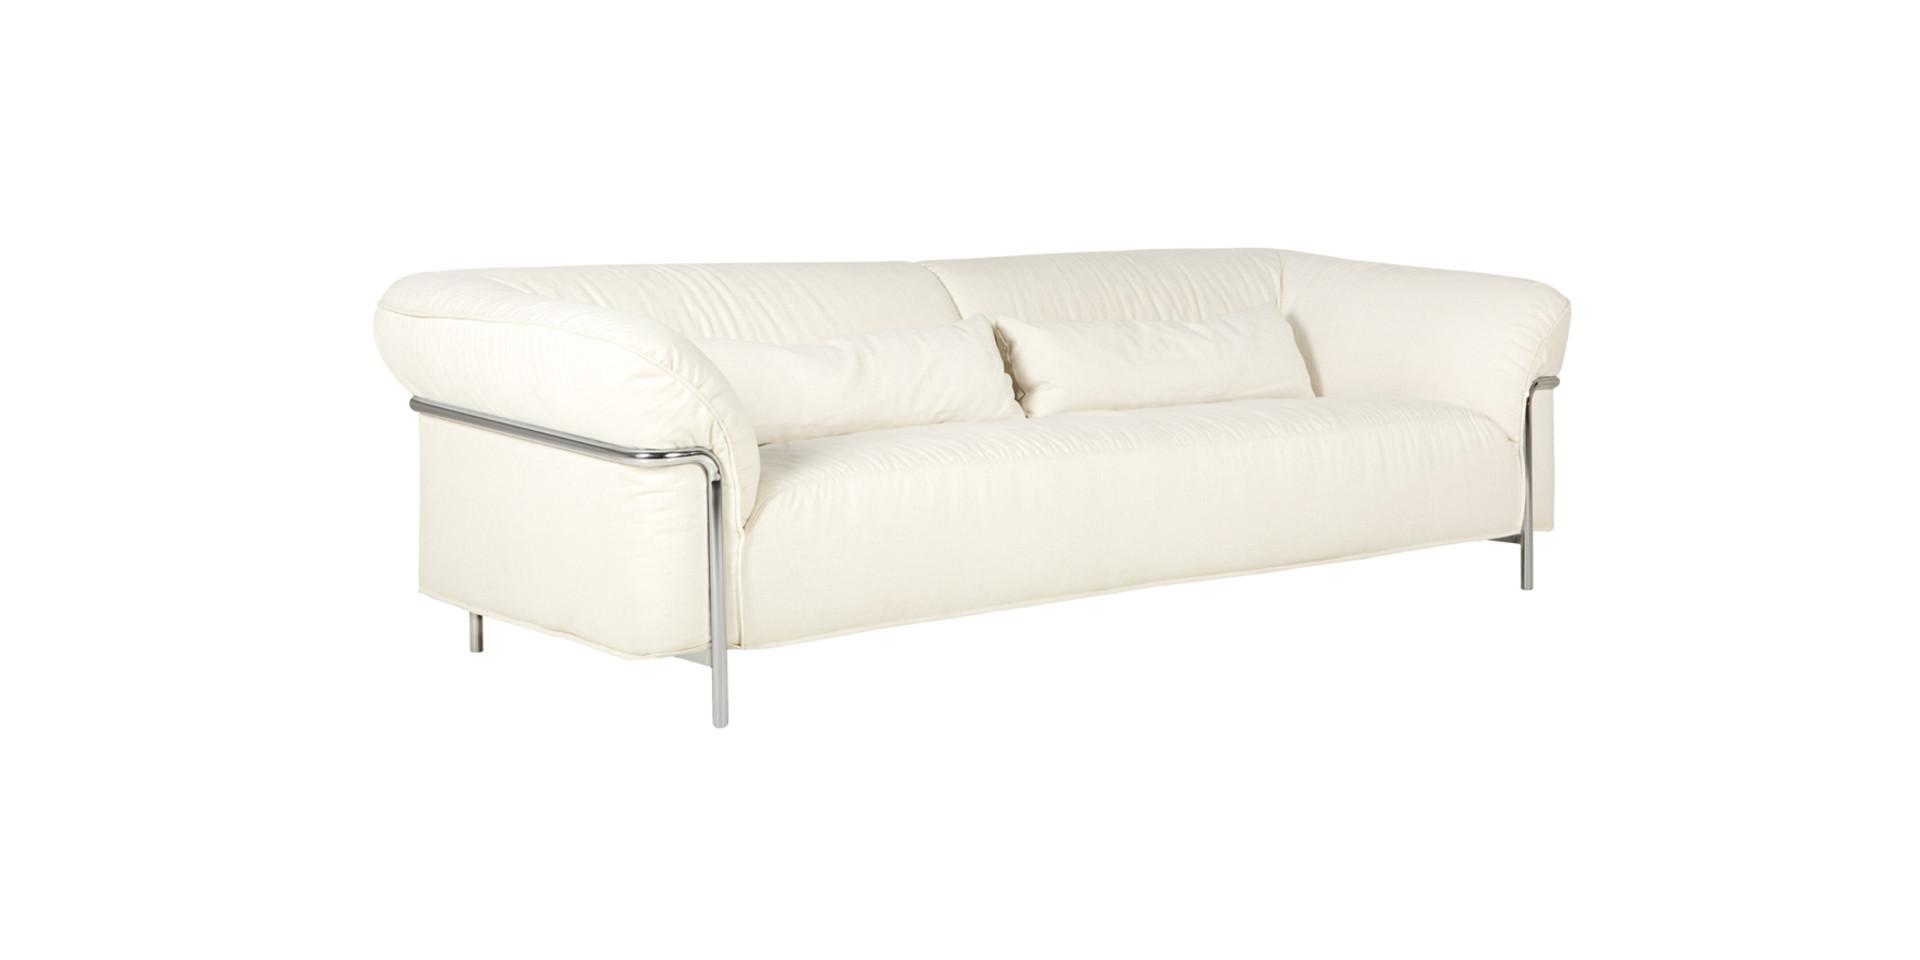 sits-doris-canape-3seater_caleido1419_natur_2